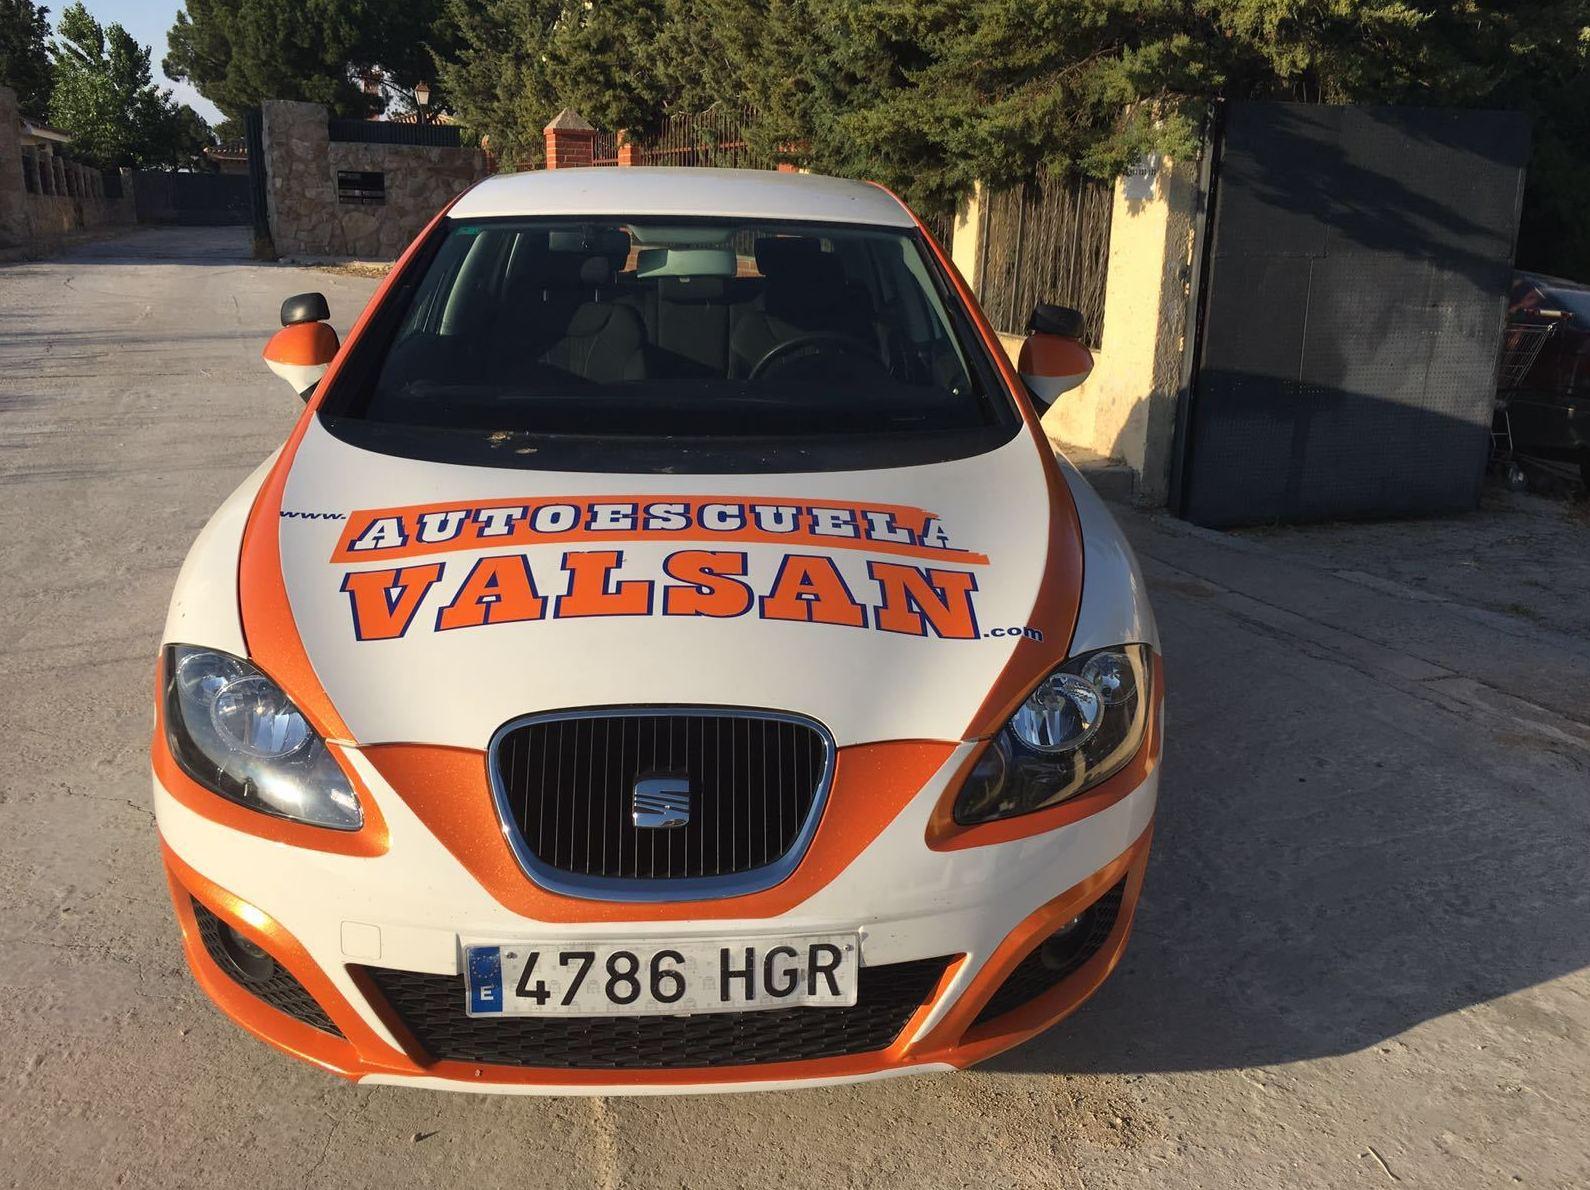 Foto 4 de Autoescuelas en Alcalá de Henares | Autoescuela Valsan